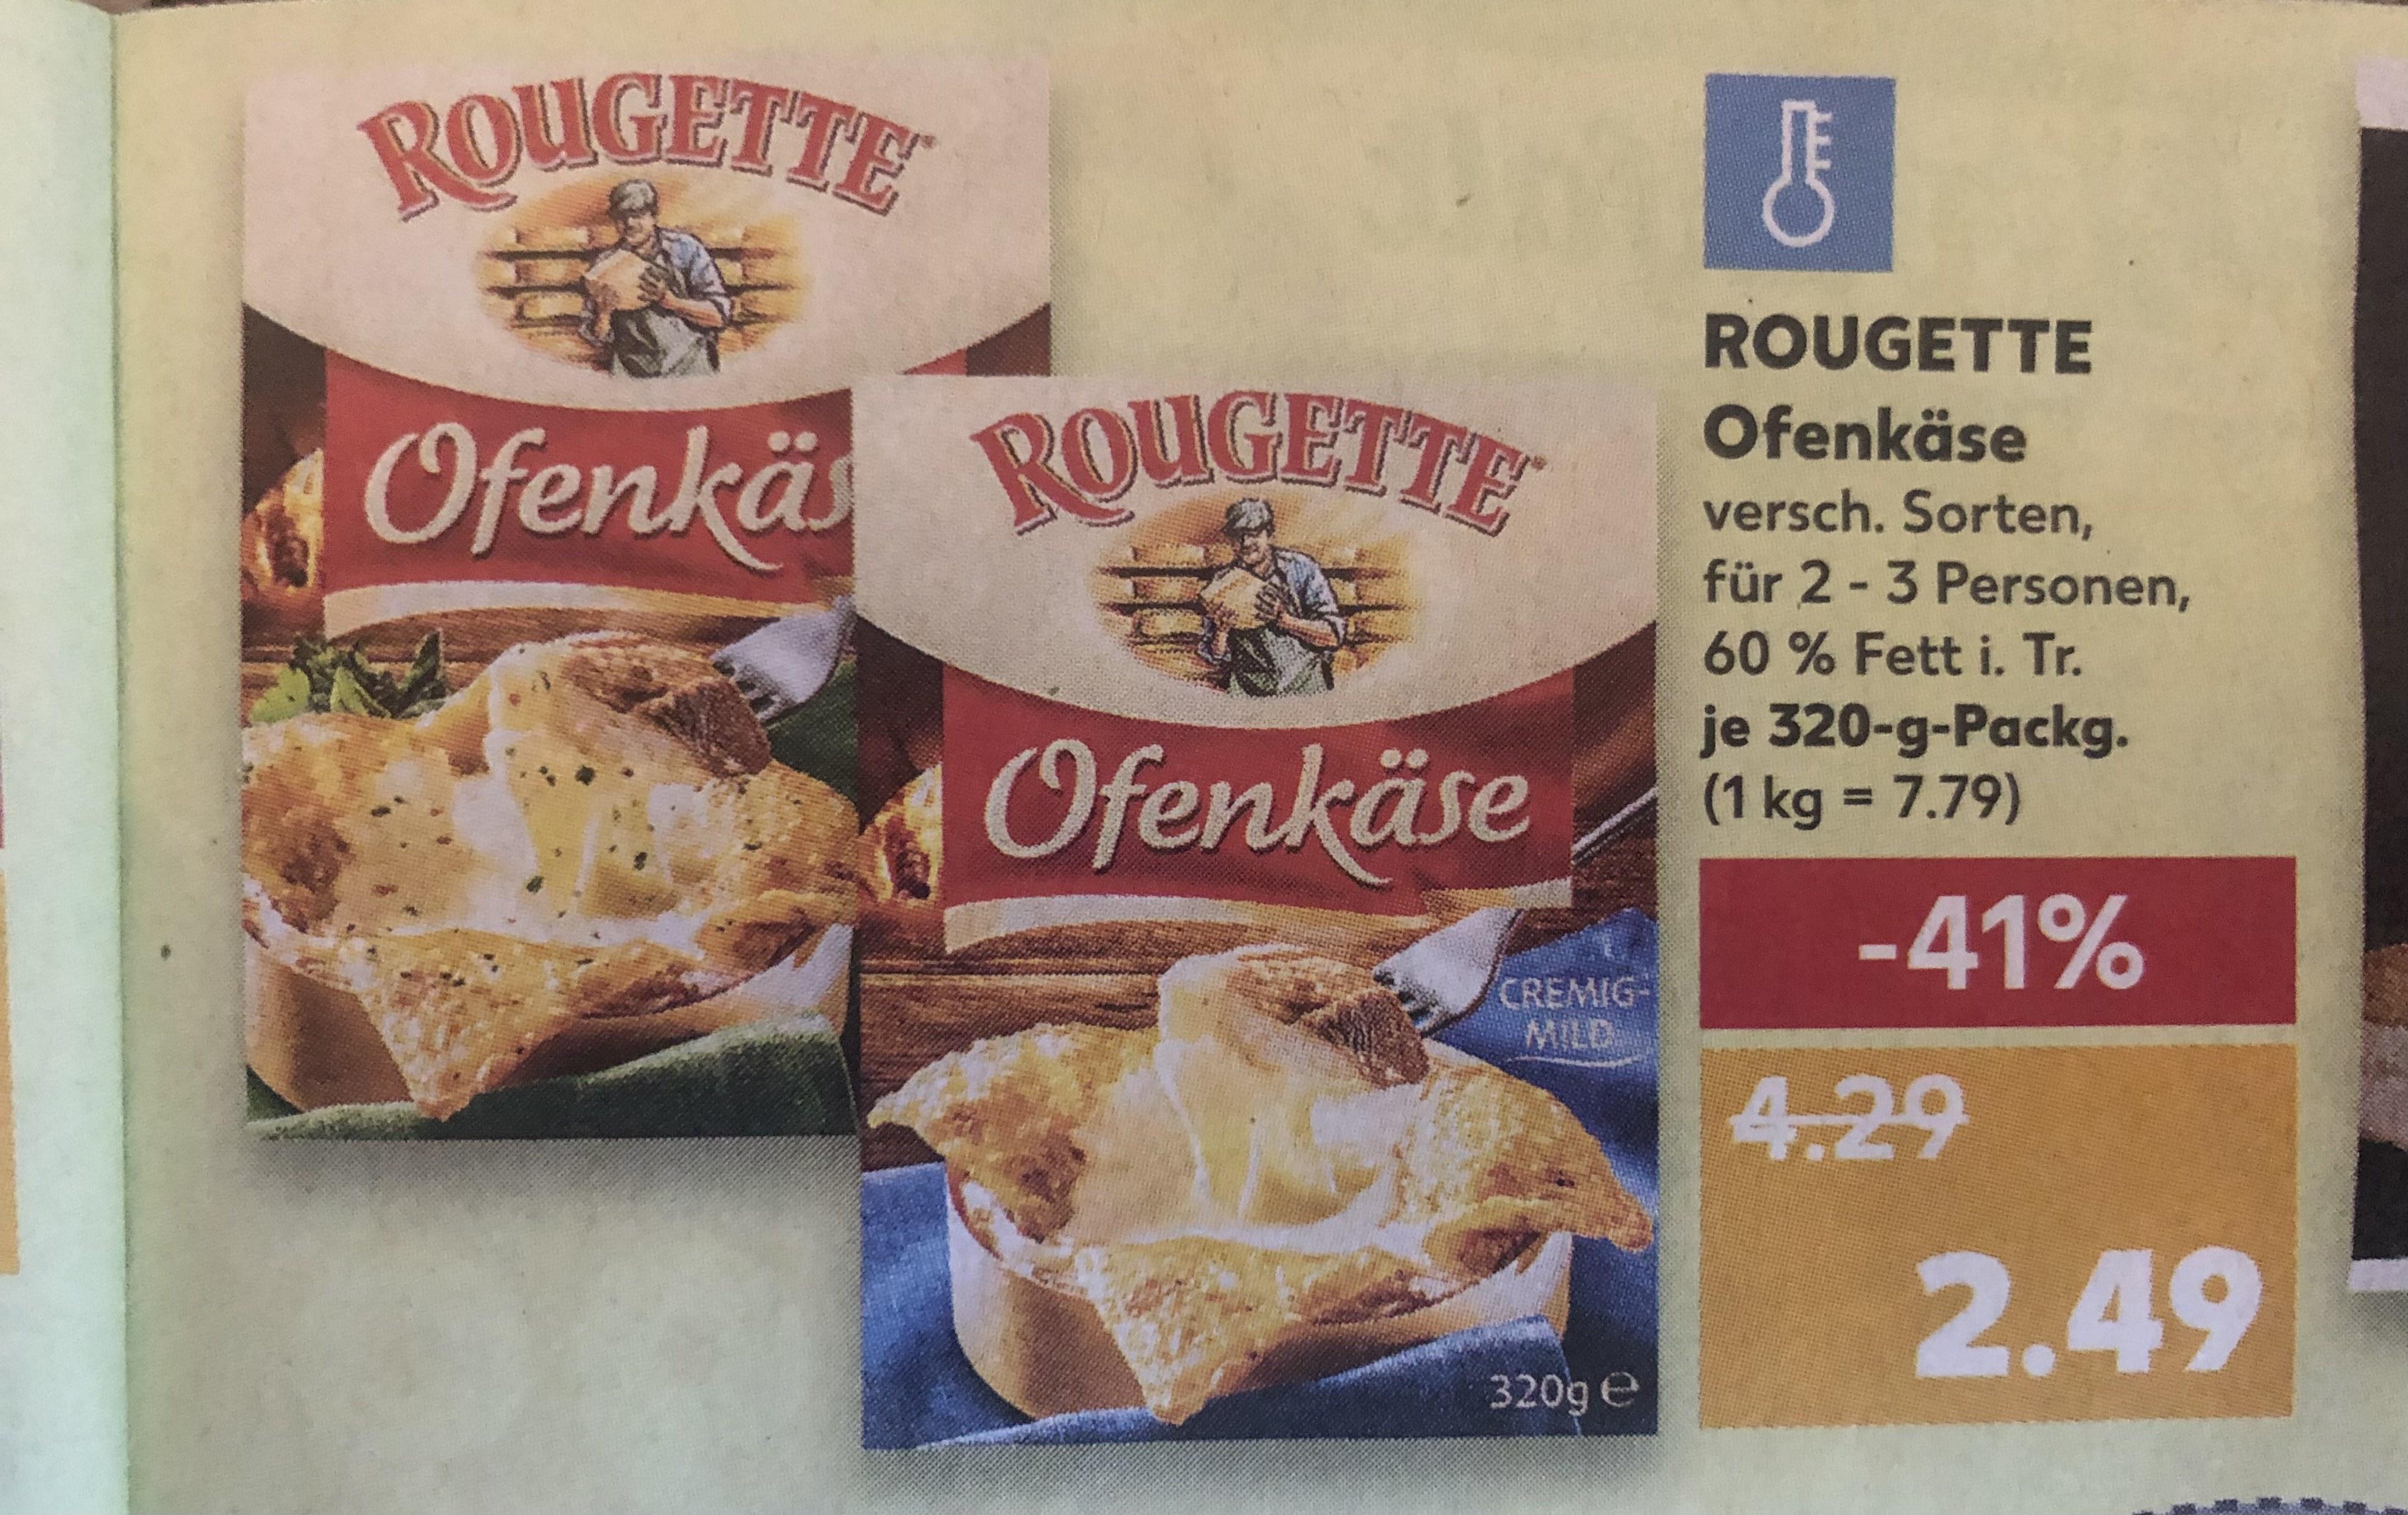 [KAUFLAND Aachen & weitere] Rougette Ofenkäse 320g